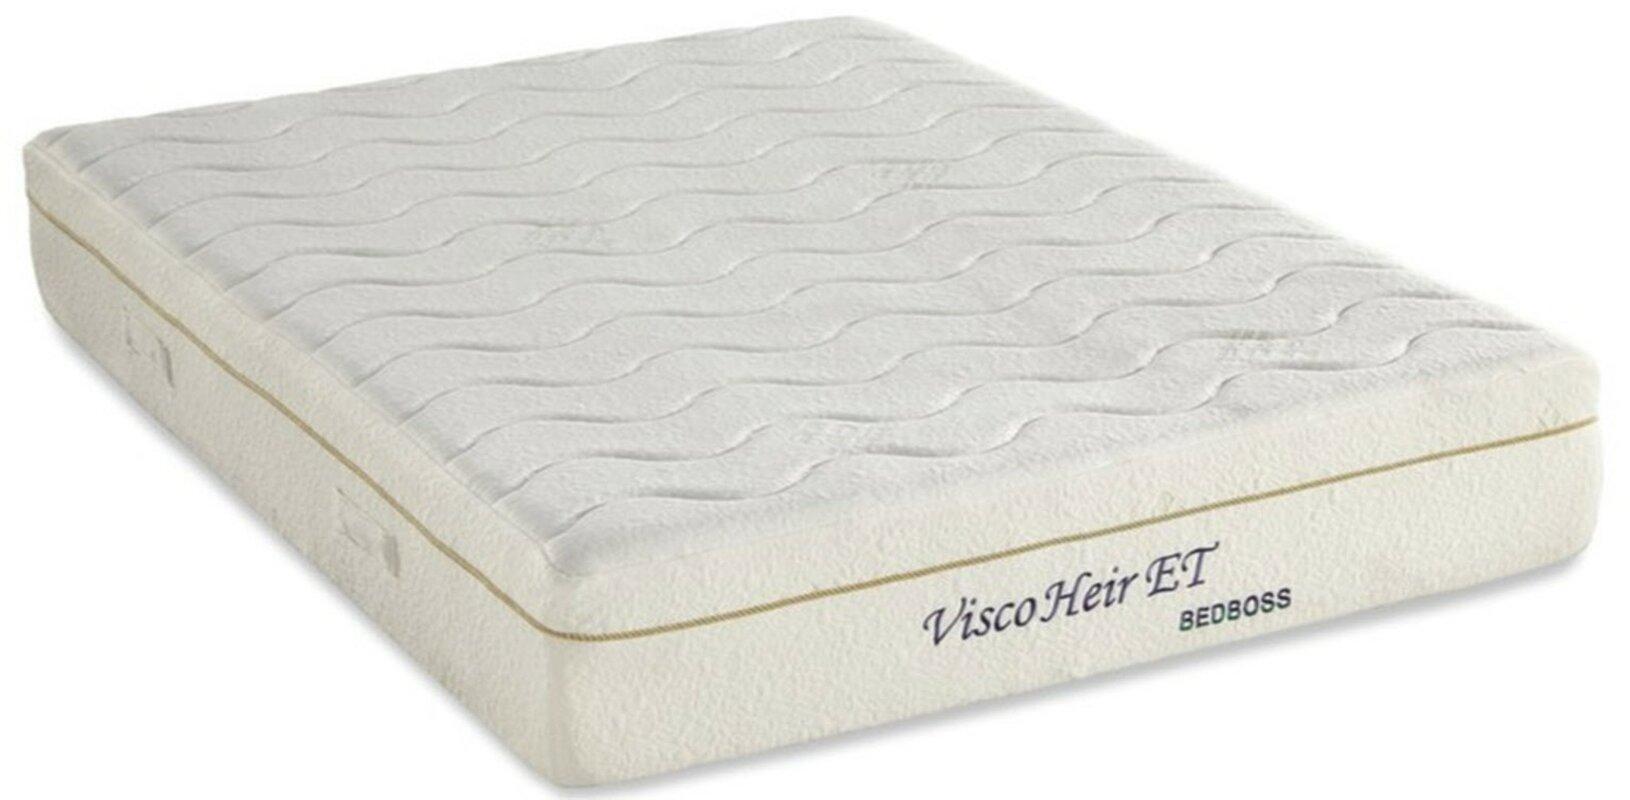 """Bed Boss Heir ET 11"""" Firm Memory Foam Mattress & Reviews"""